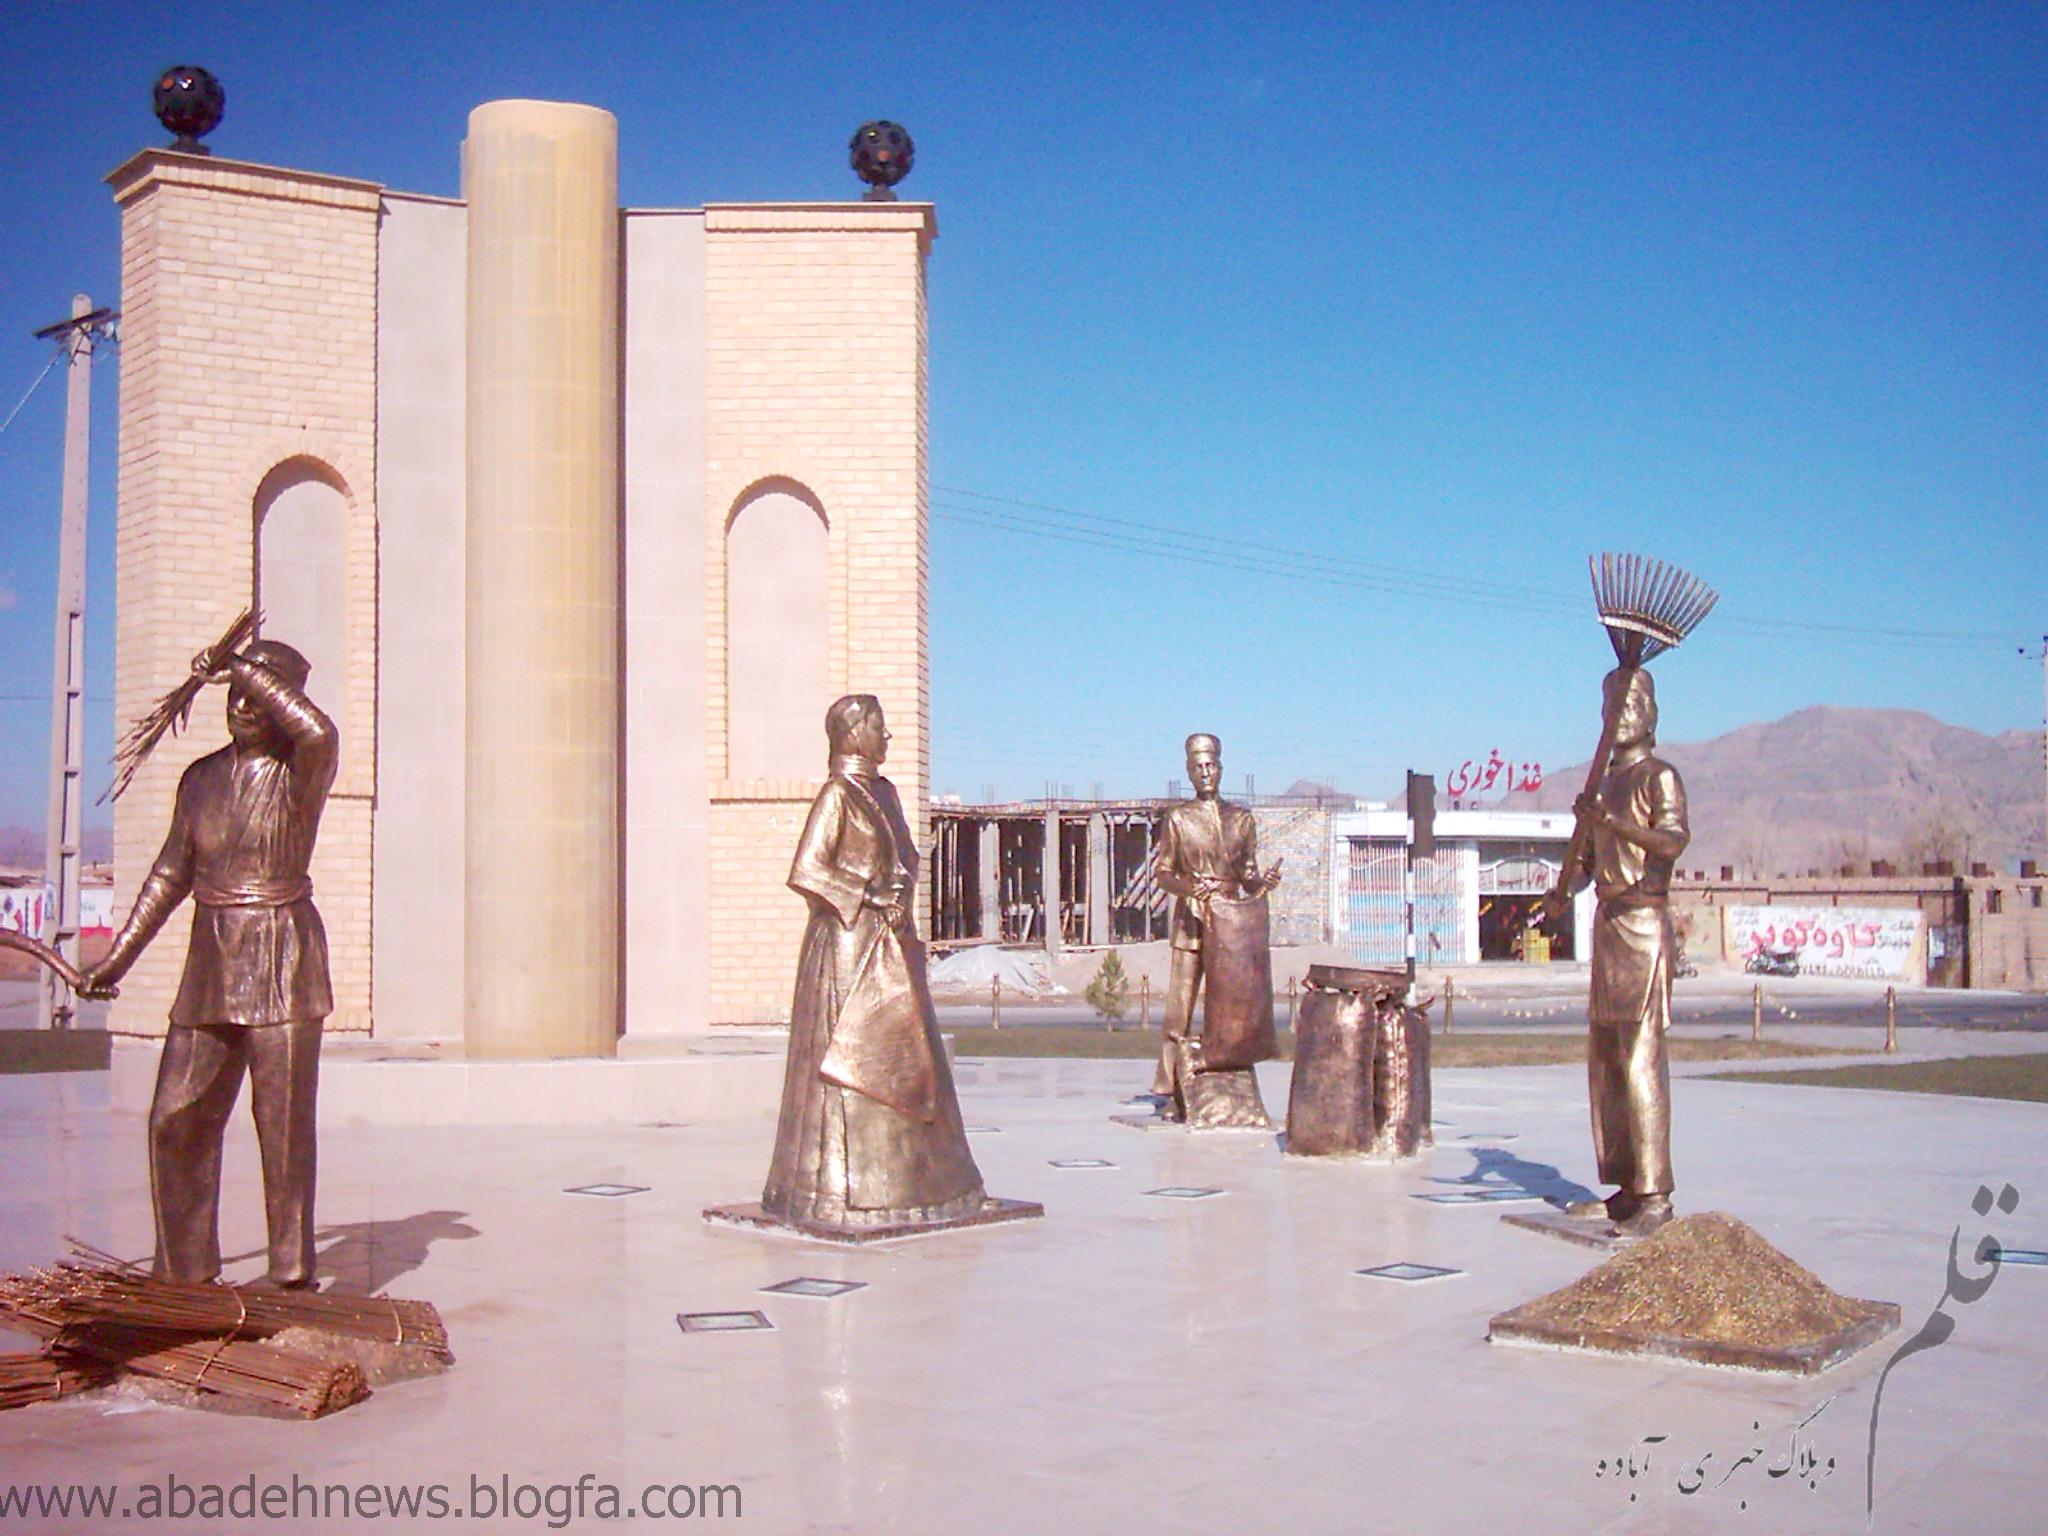 میدان تل آسیاب آباده - قلم وبلاگ خبری آباده